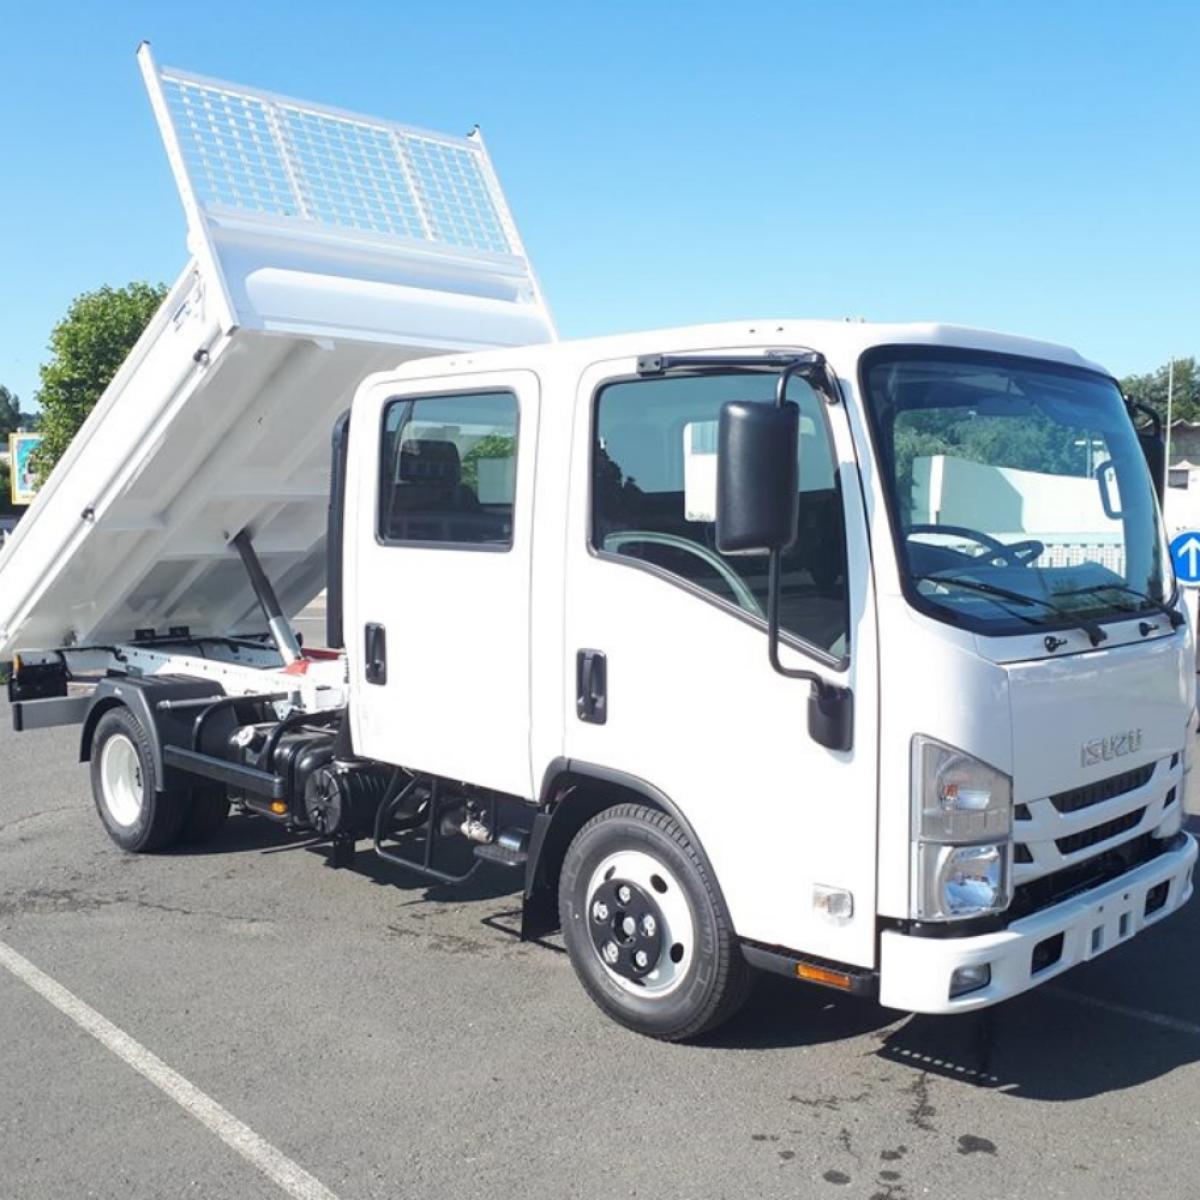 Isuzu M21 Large Double Cab Potenza